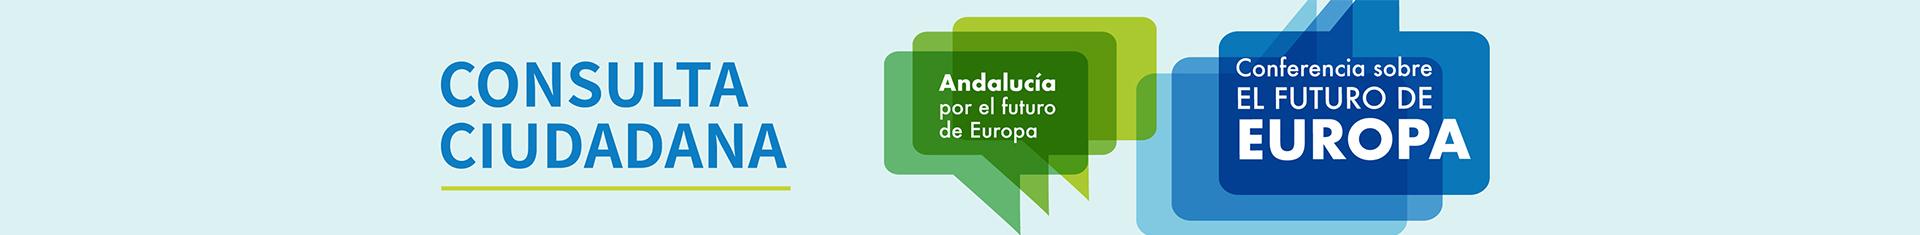 Imagen Consulta ciudadana